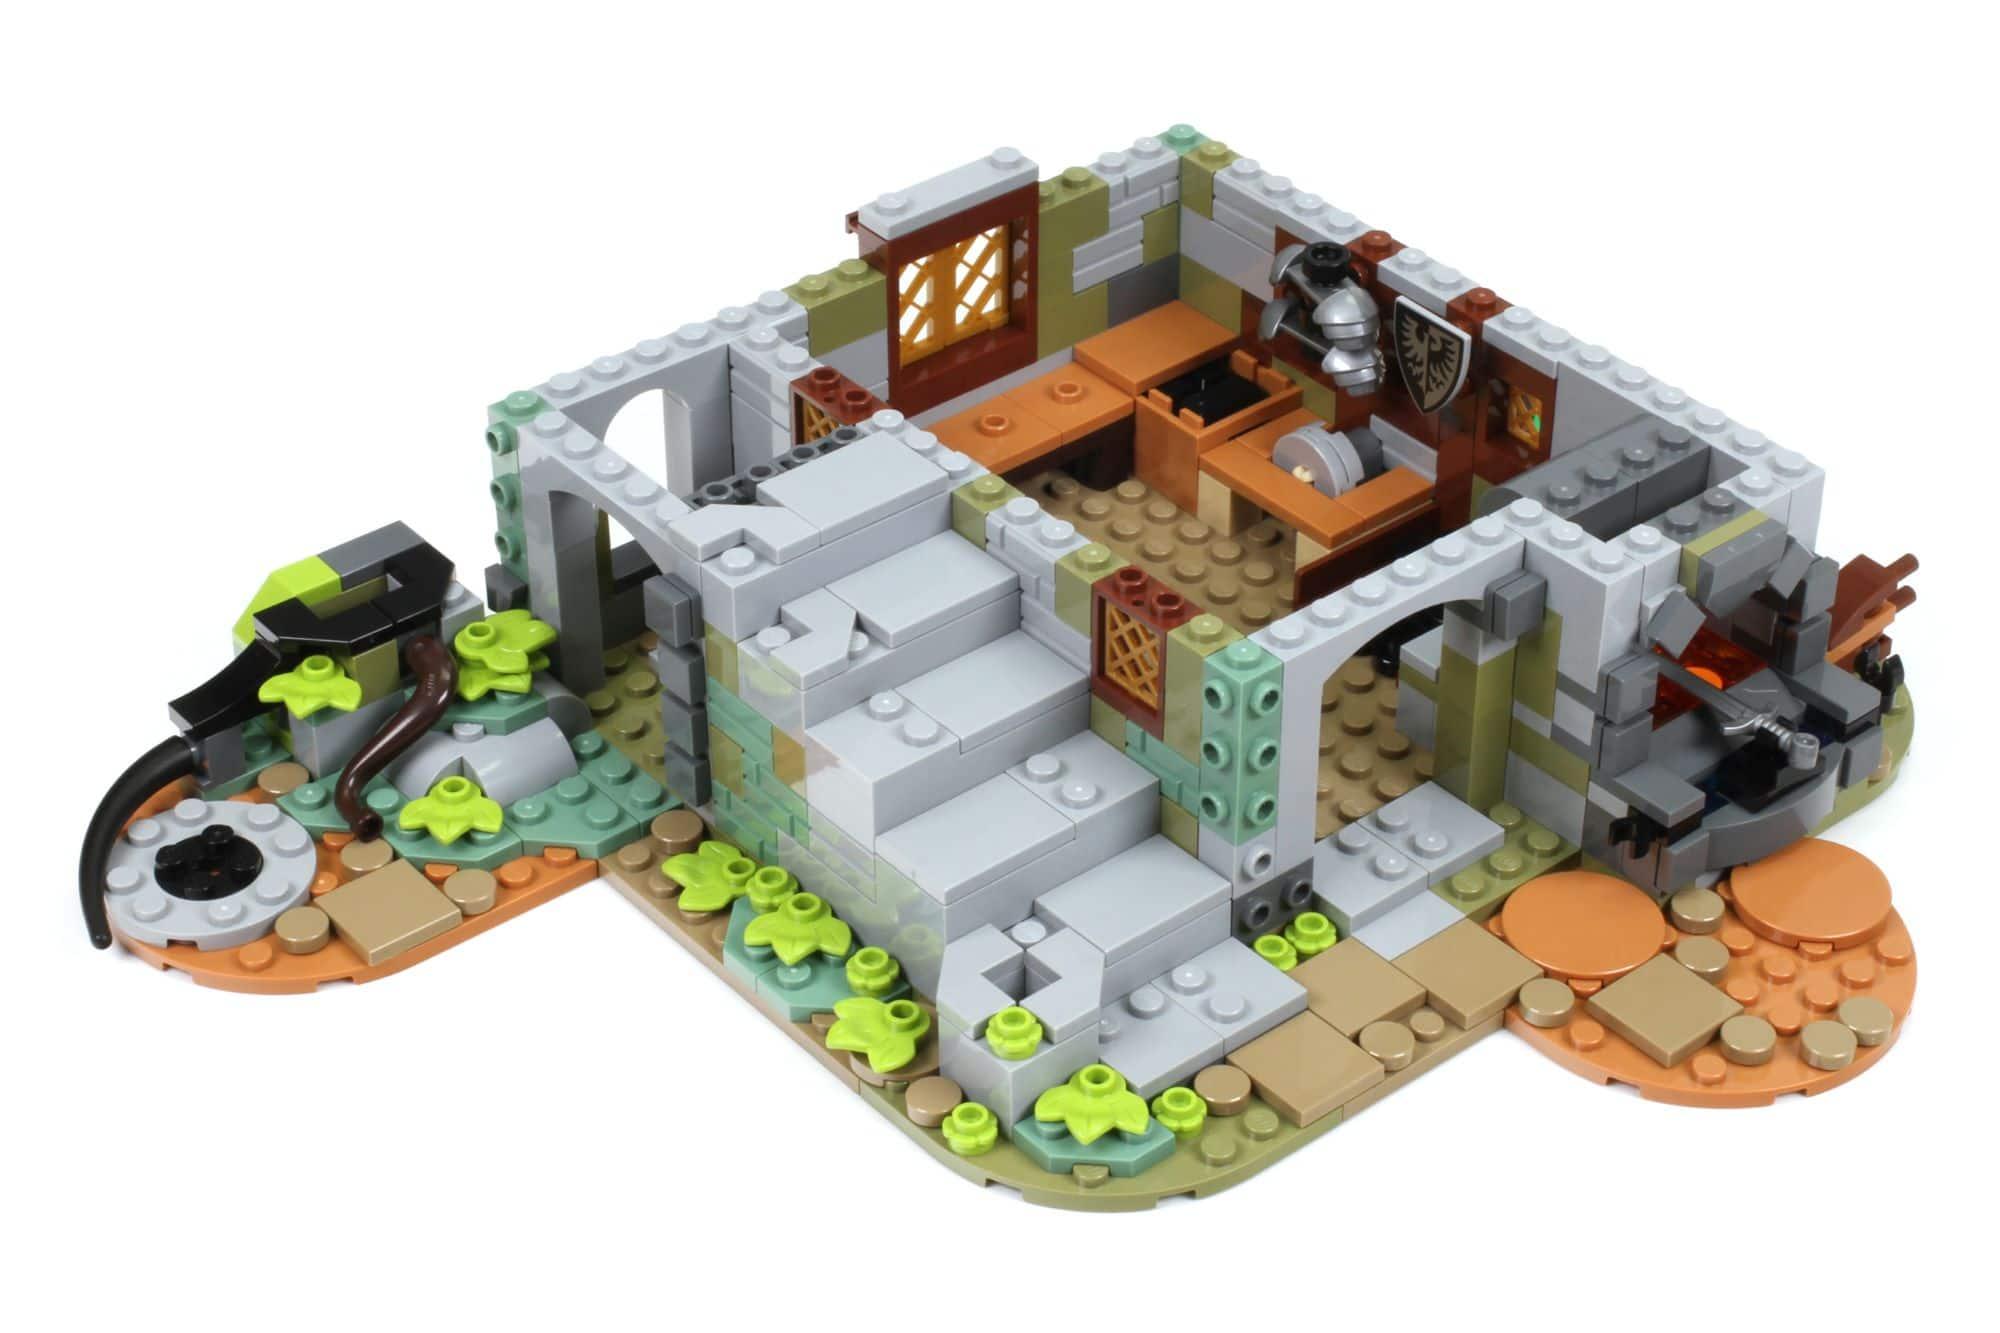 LEGO Ideas 21325 Mittelalterliche Schmiede Bauabschnitt 3 1